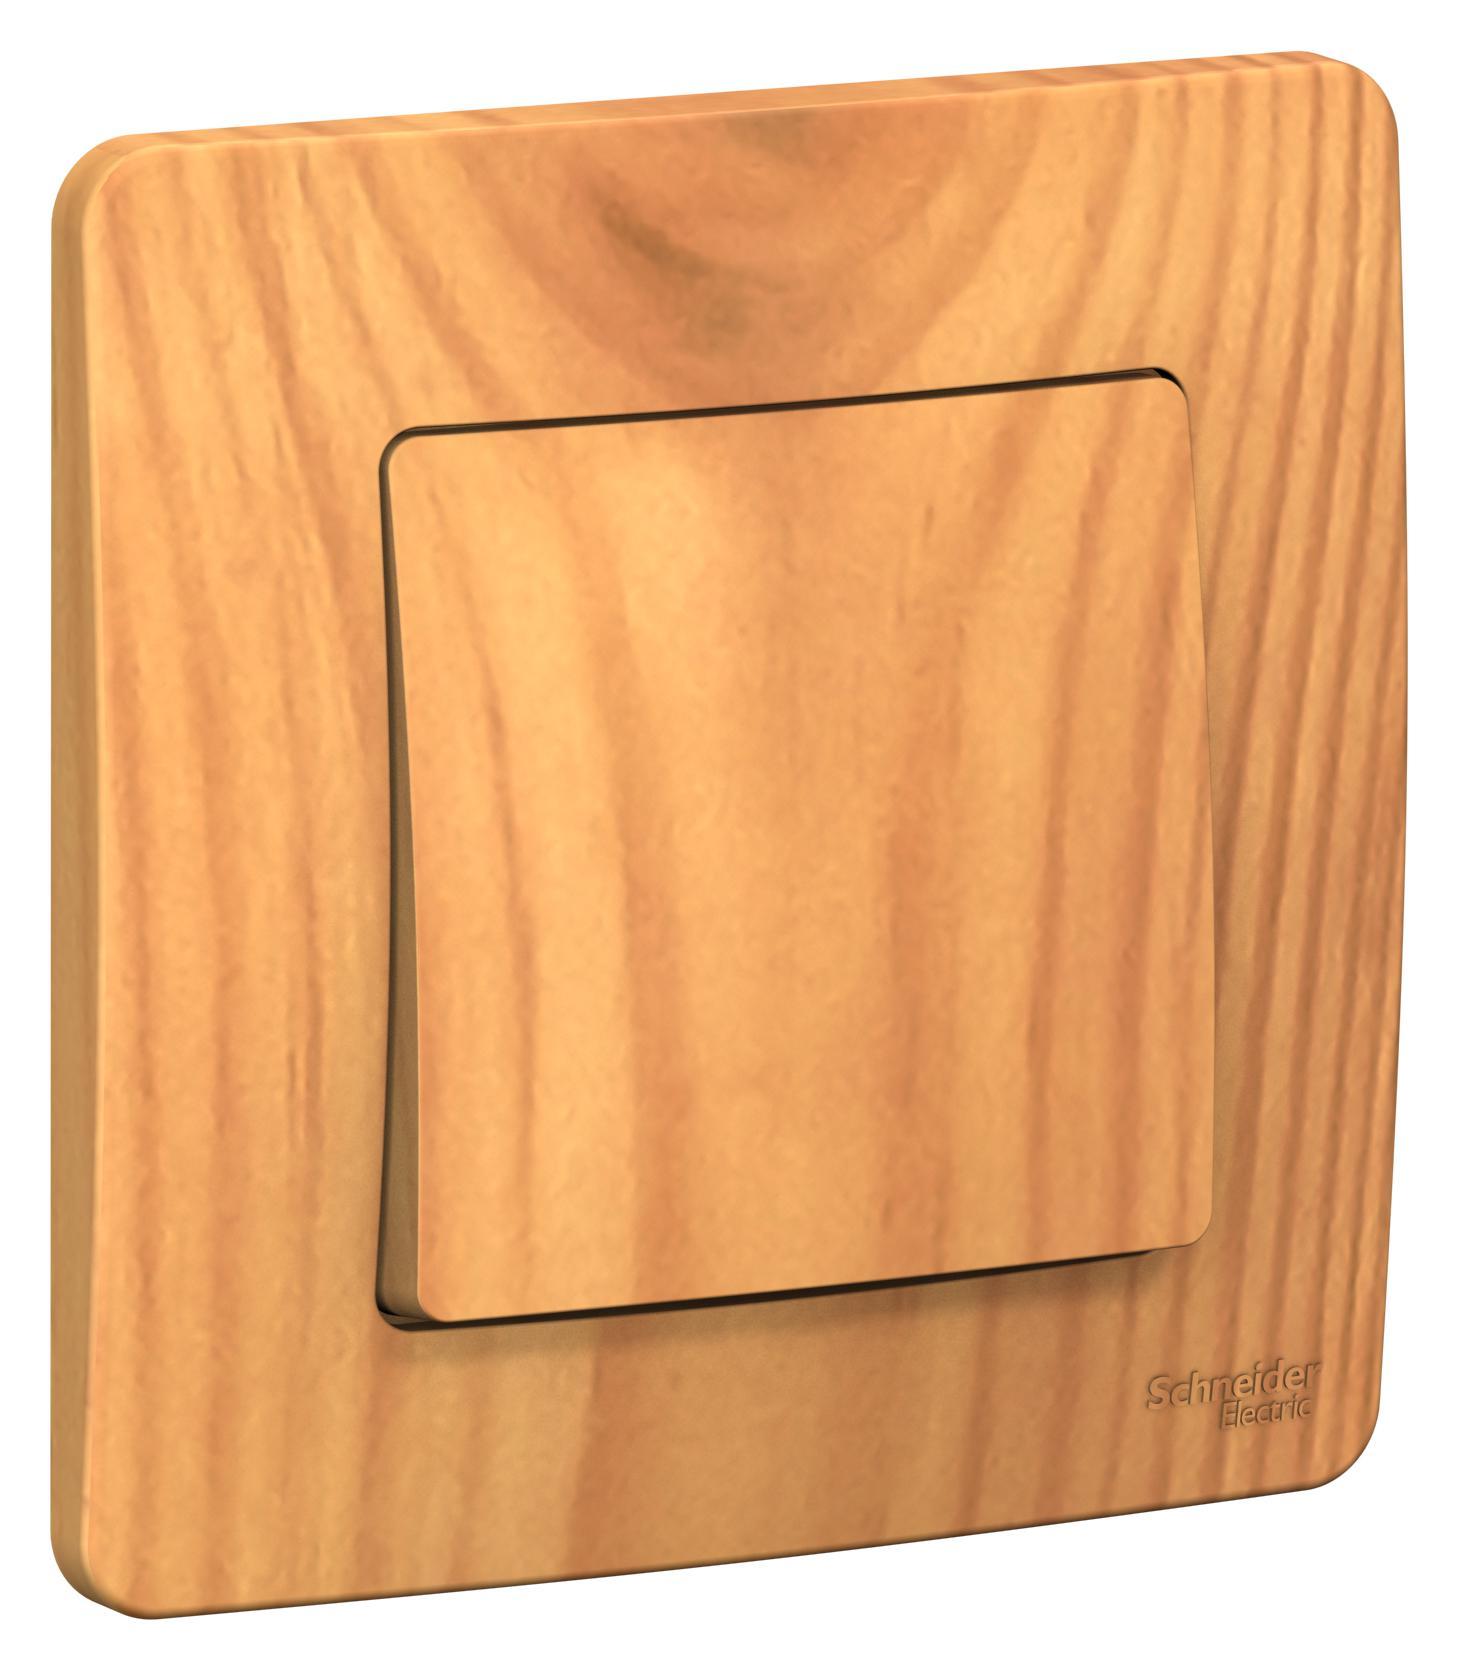 Выключатель Schneider electric Blnvs010105 blanca  - Купить